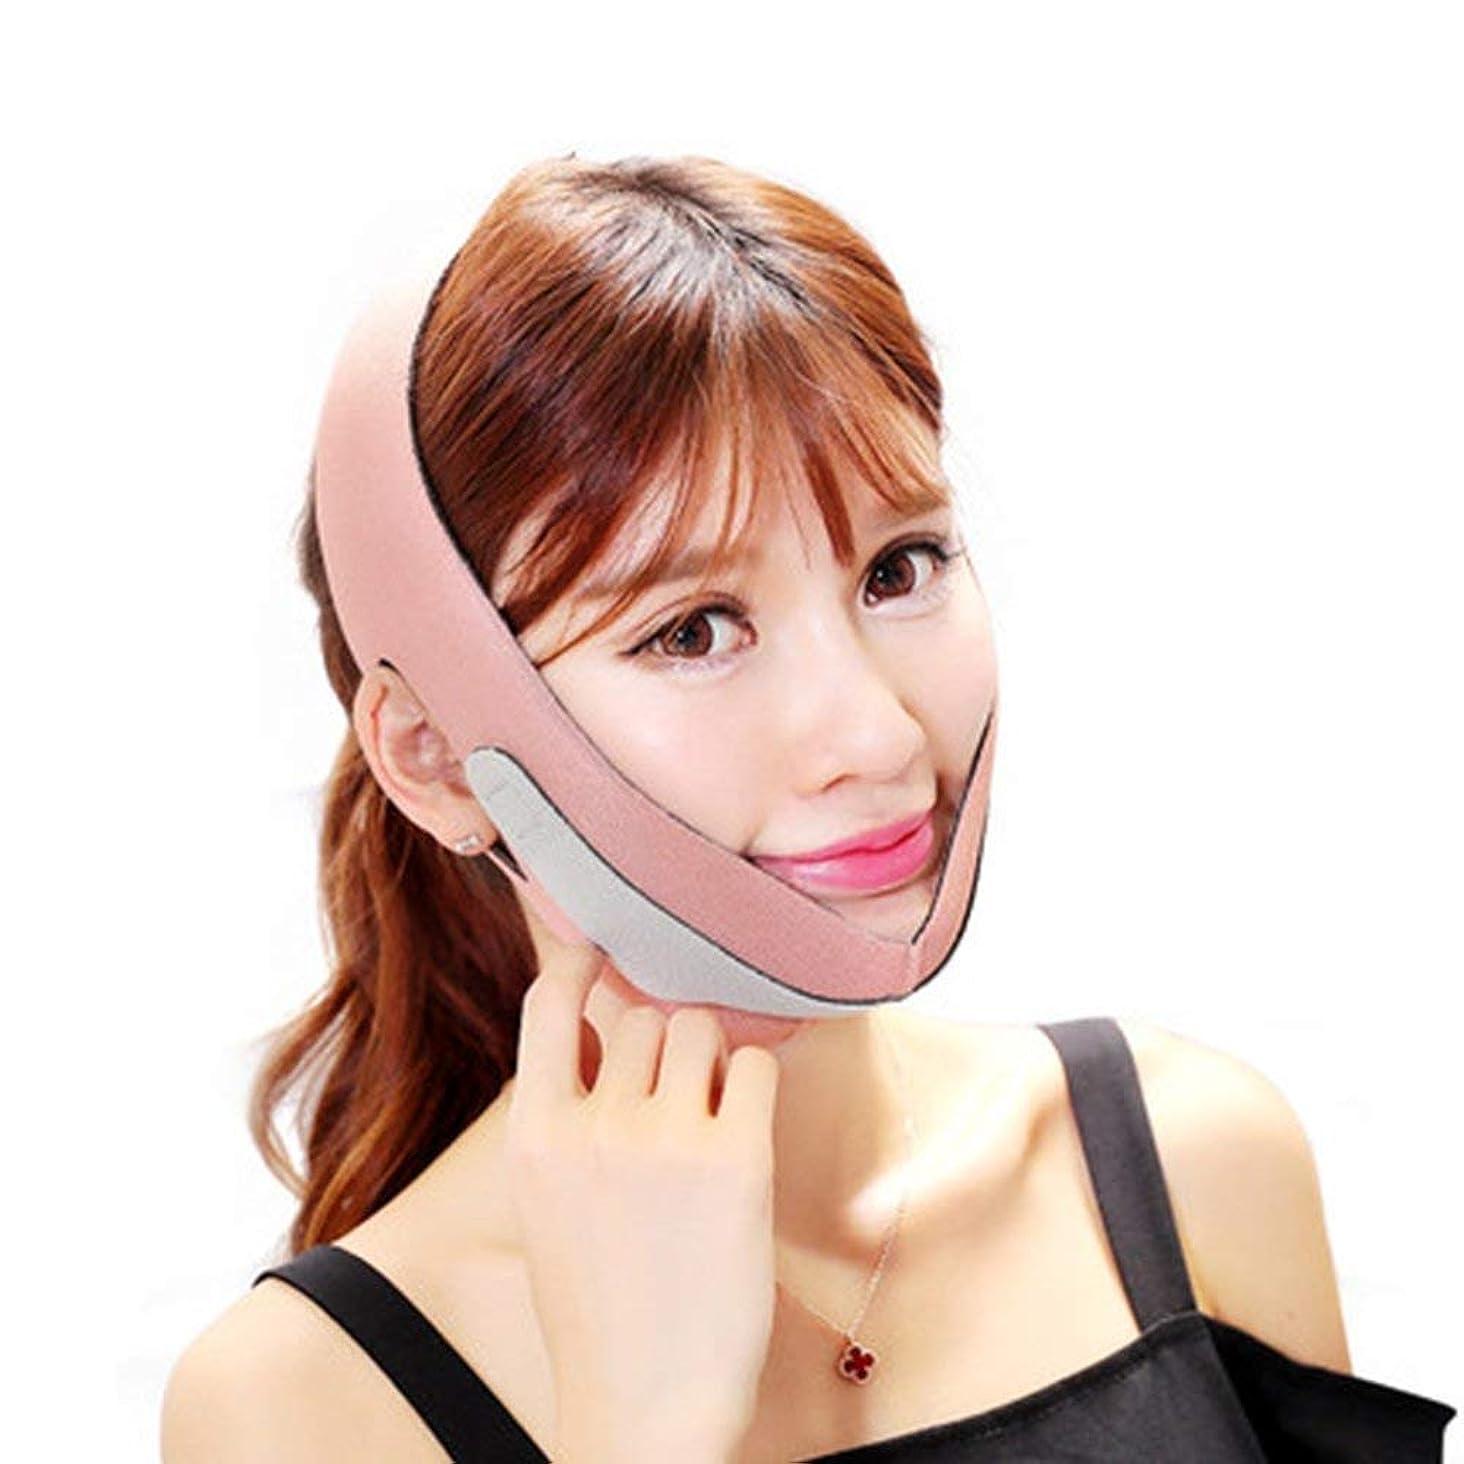 妨げる反動医薬IBAOBAO 寝ながら 小顔矯正?フェイス マスク ベルト 男女兼用 美顔器 美容グッズ リフトアップ ベルト 引き上げ 小顔 マスク 1点セット